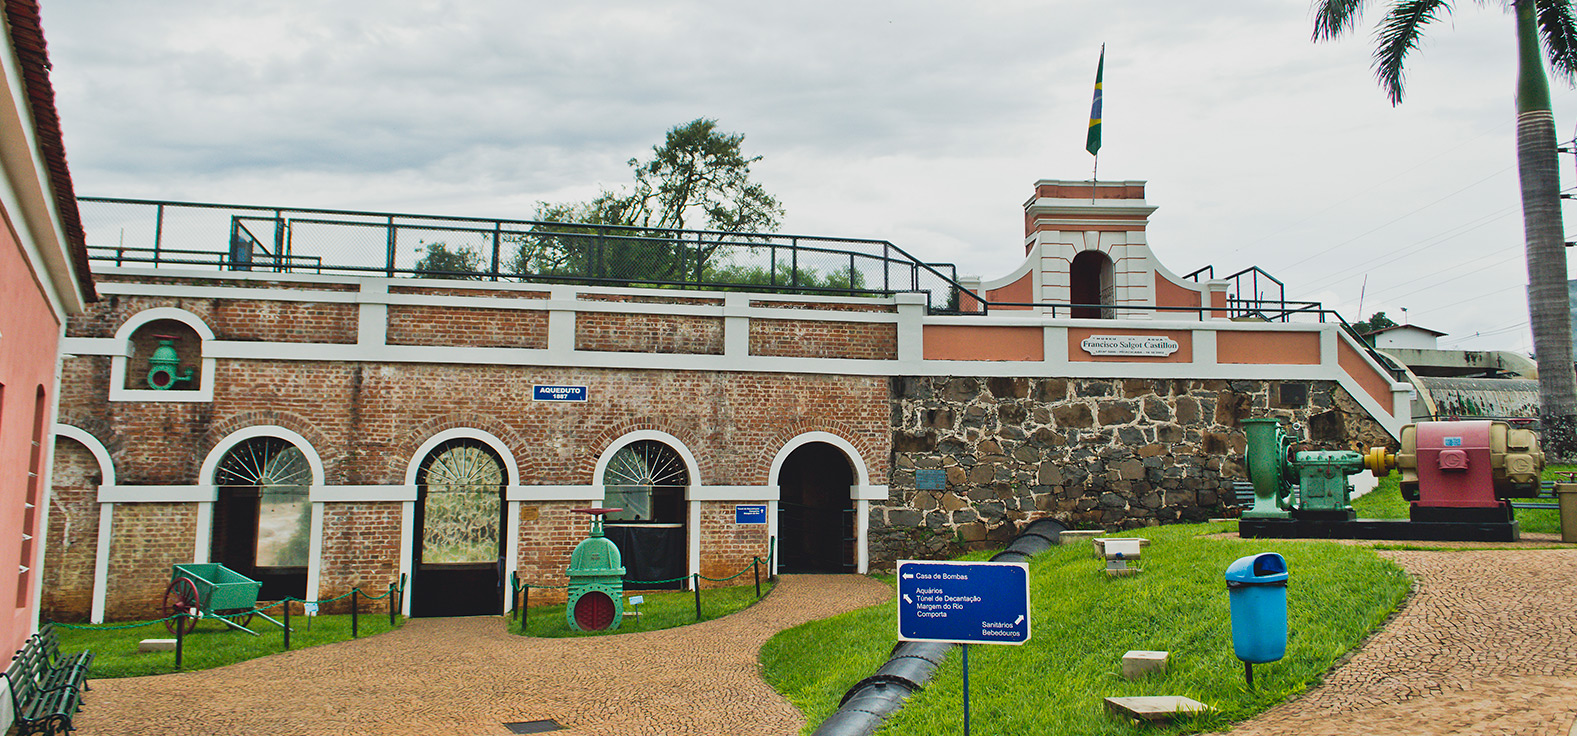 Museu da Água em Piracicaba | Portal Serra do Itaquerí